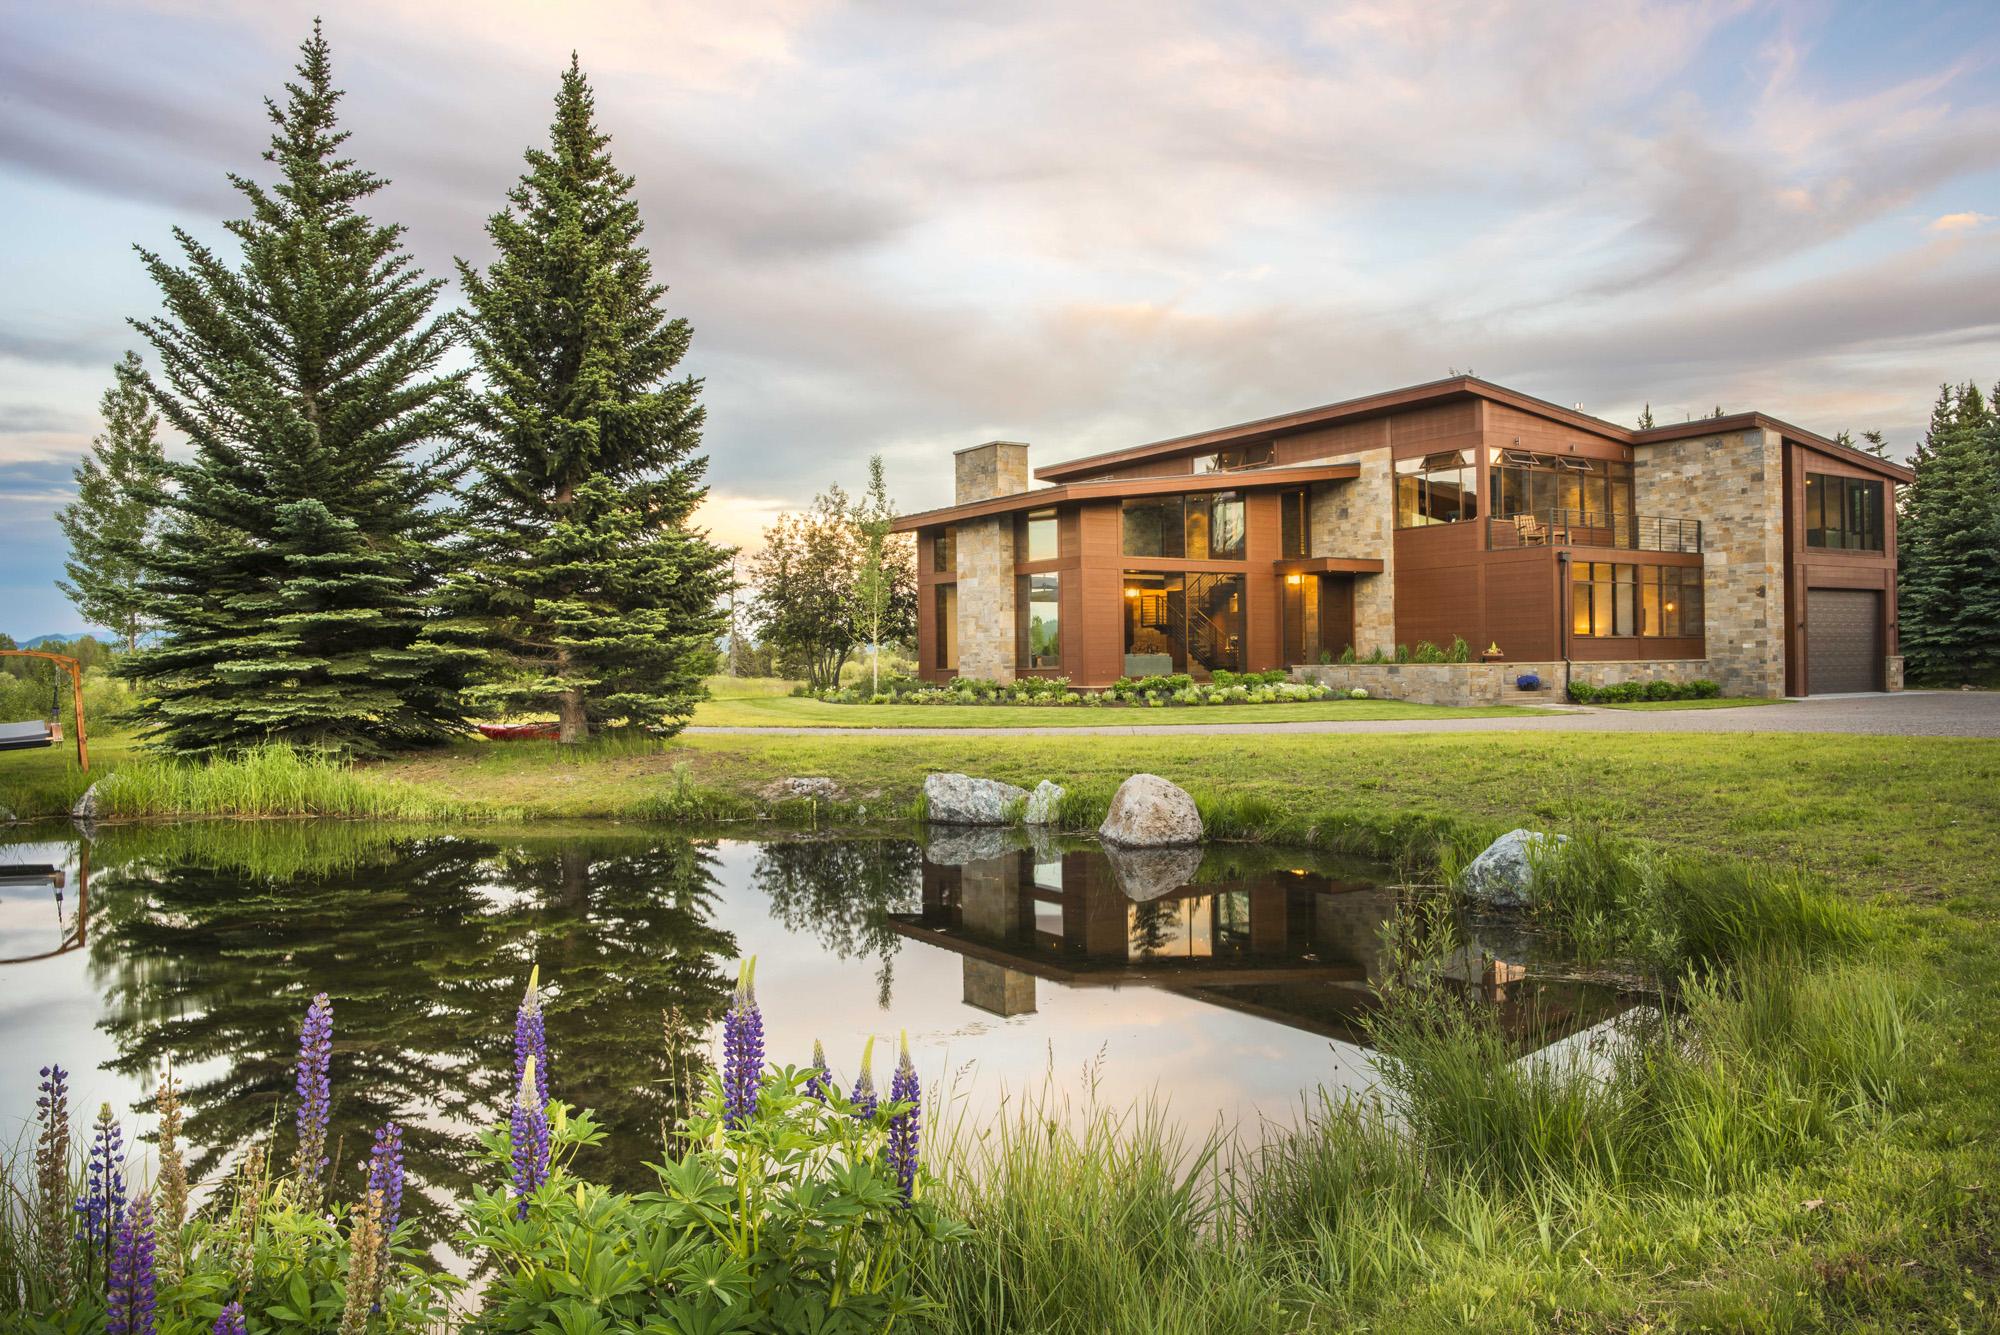 Maison unifamiliale pour l Vente à The Serengeti Home 475 S Blue Heron Road Wilson, Wyoming 83014 États-Unis